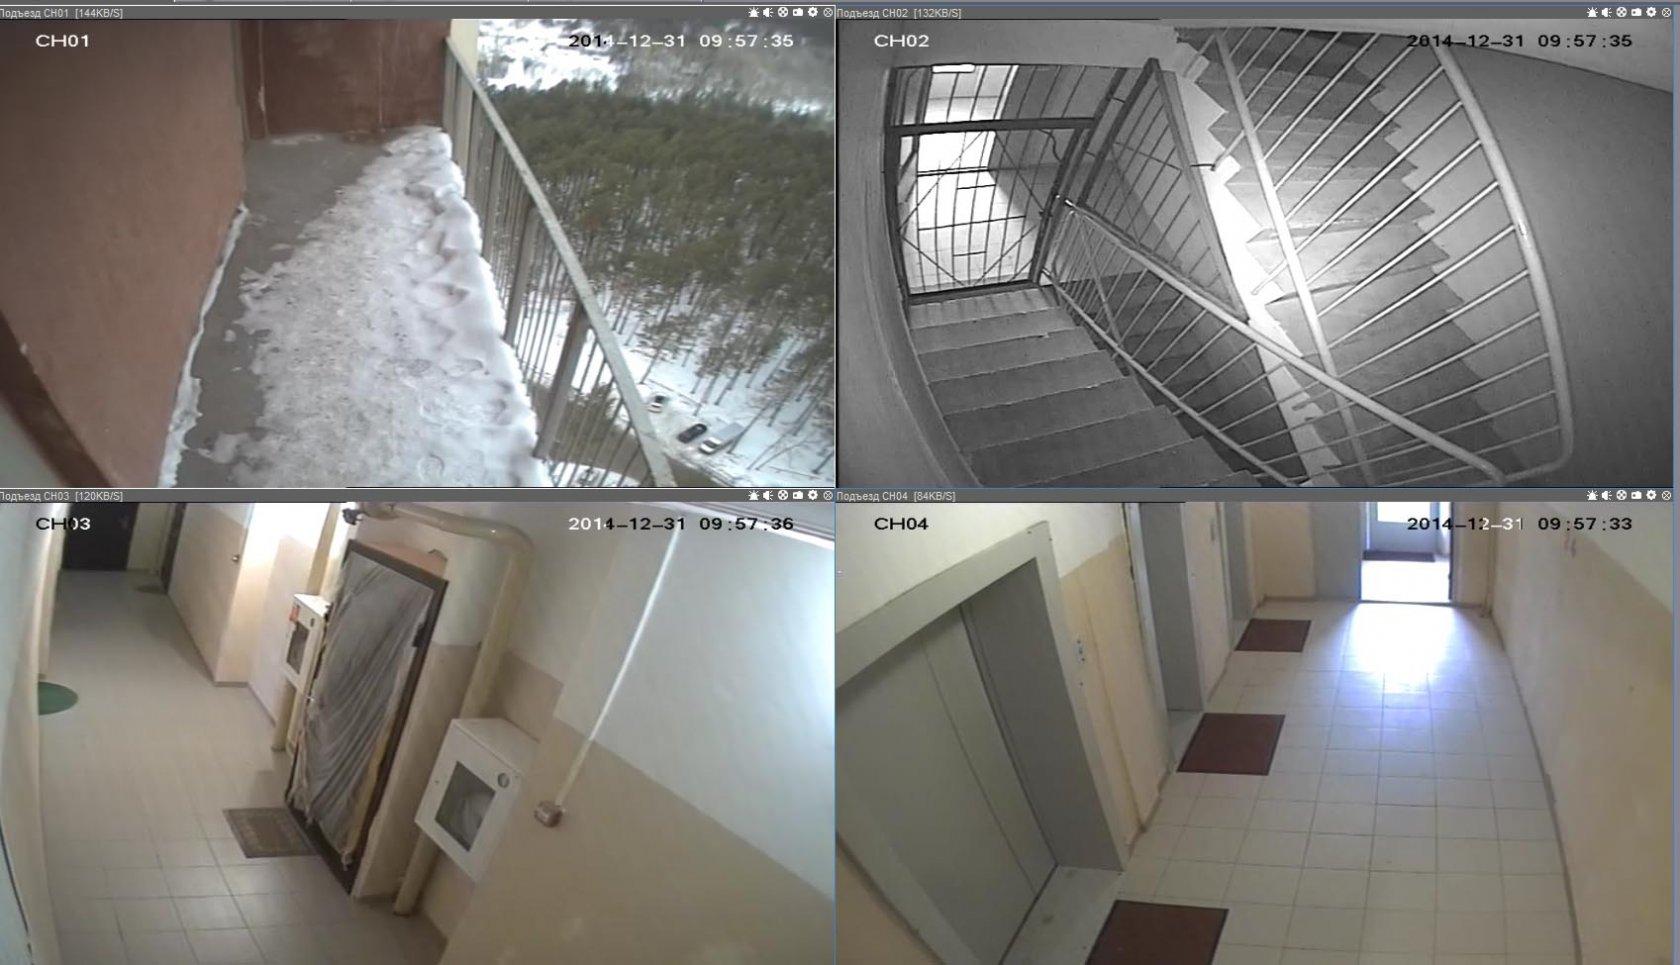 Особенности продуманного видеонаблюдения для многоквартирного дома